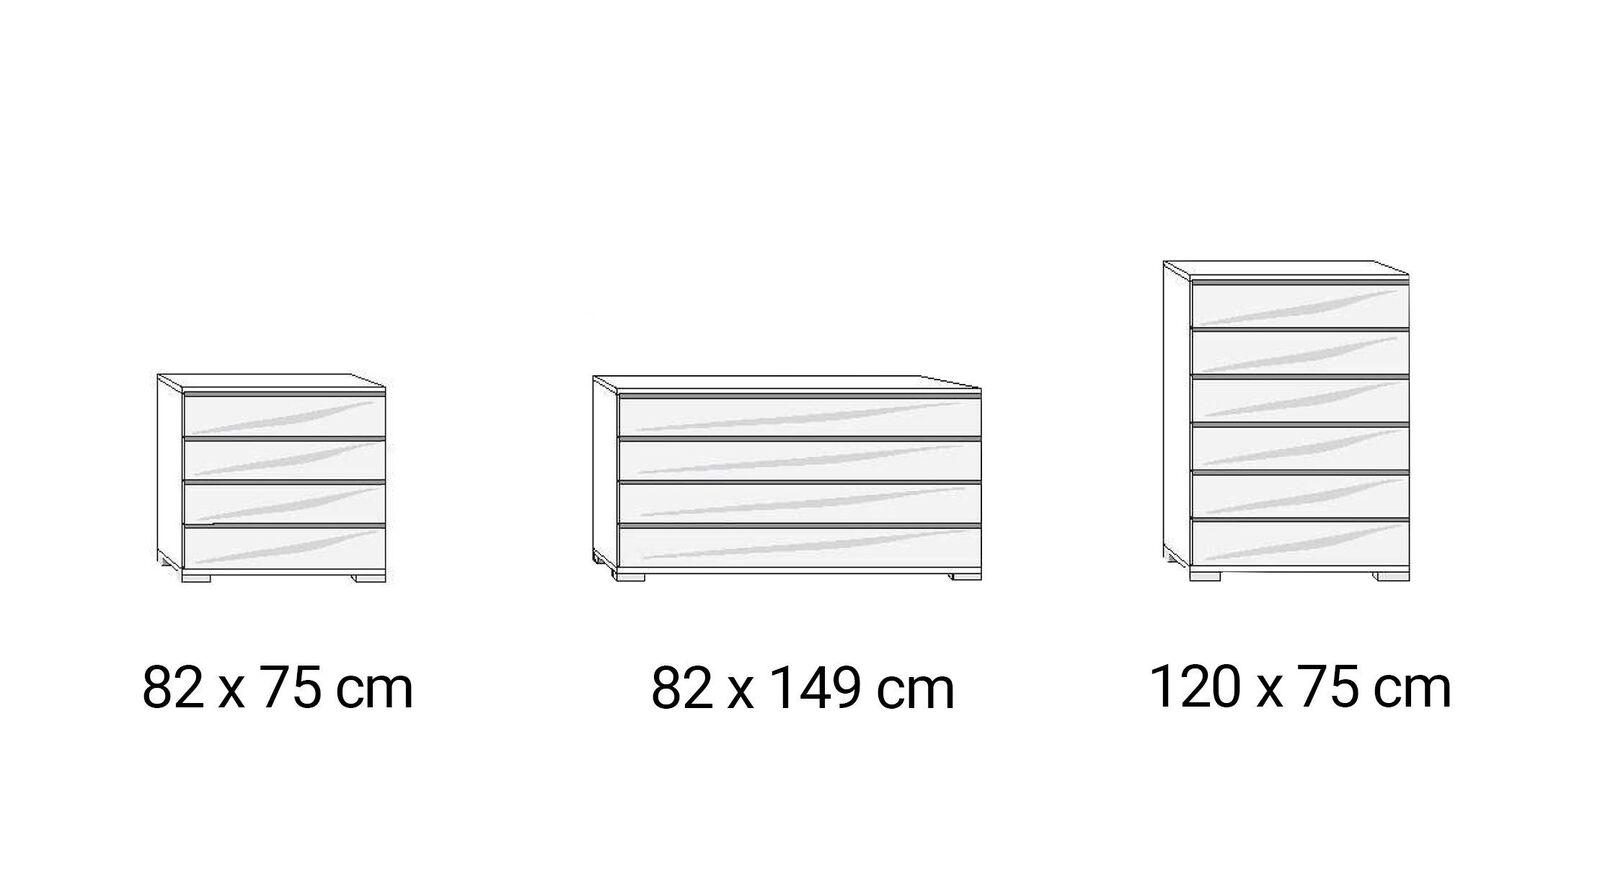 Grafik zu den Ausführungen der INTERLIVING Schubladen-Kommode 1009